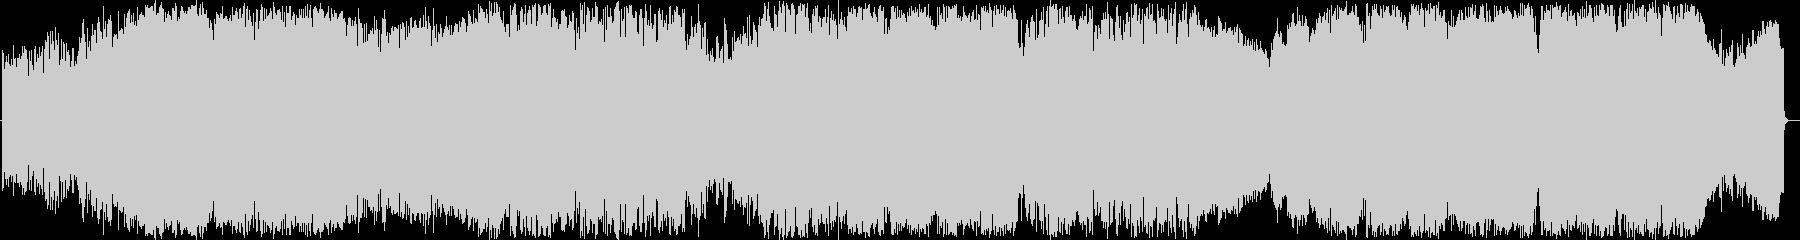 サイキックなポップグリッチエレクトロの未再生の波形